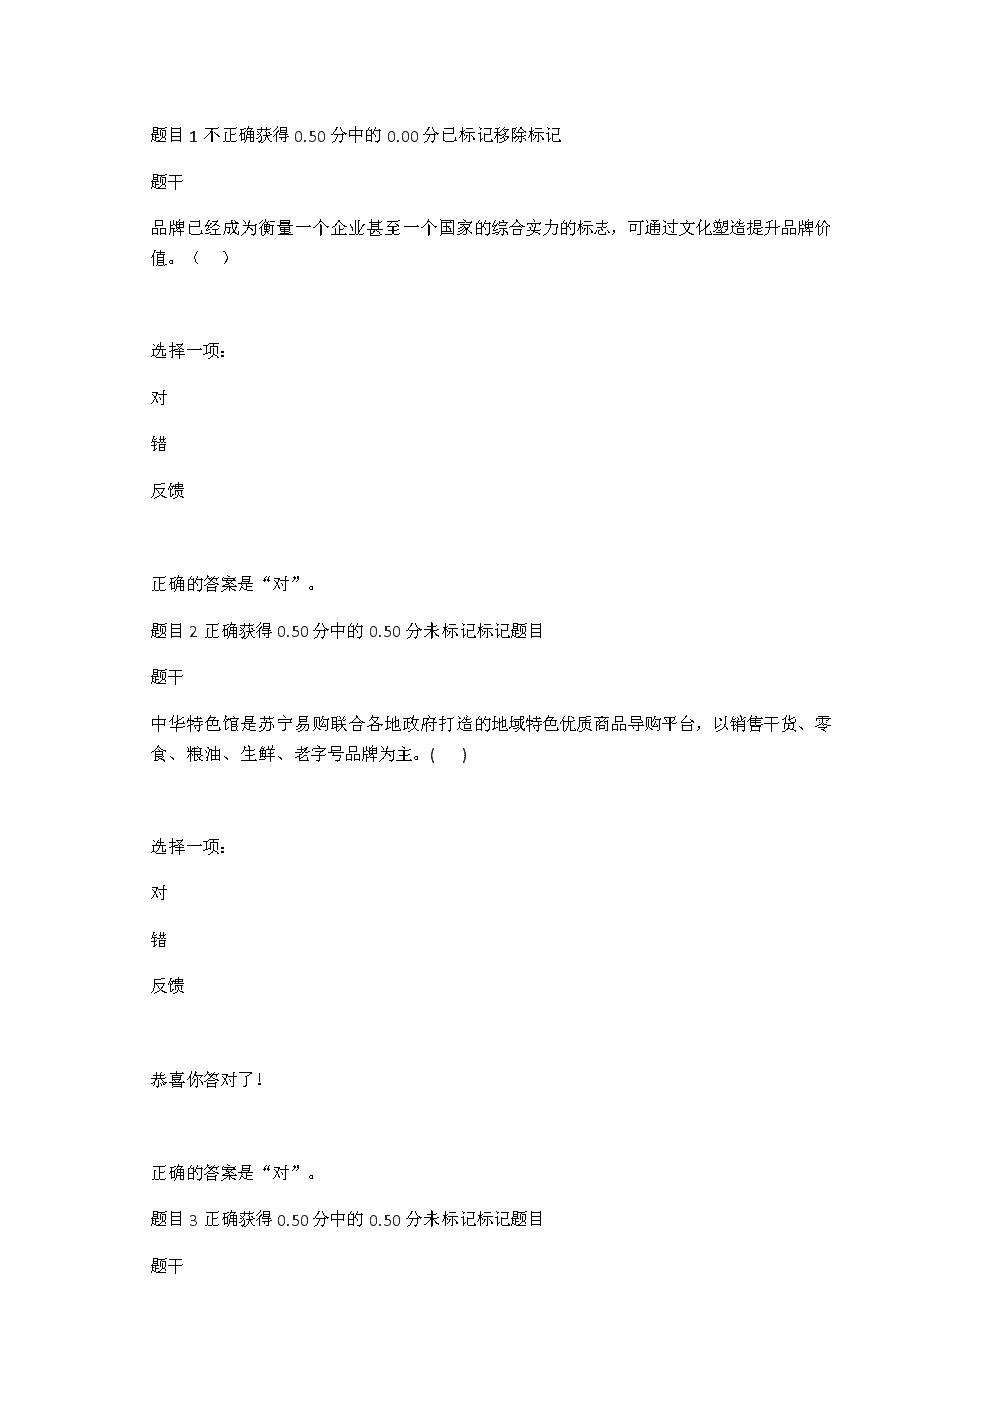 农村电商实务作业一.docx